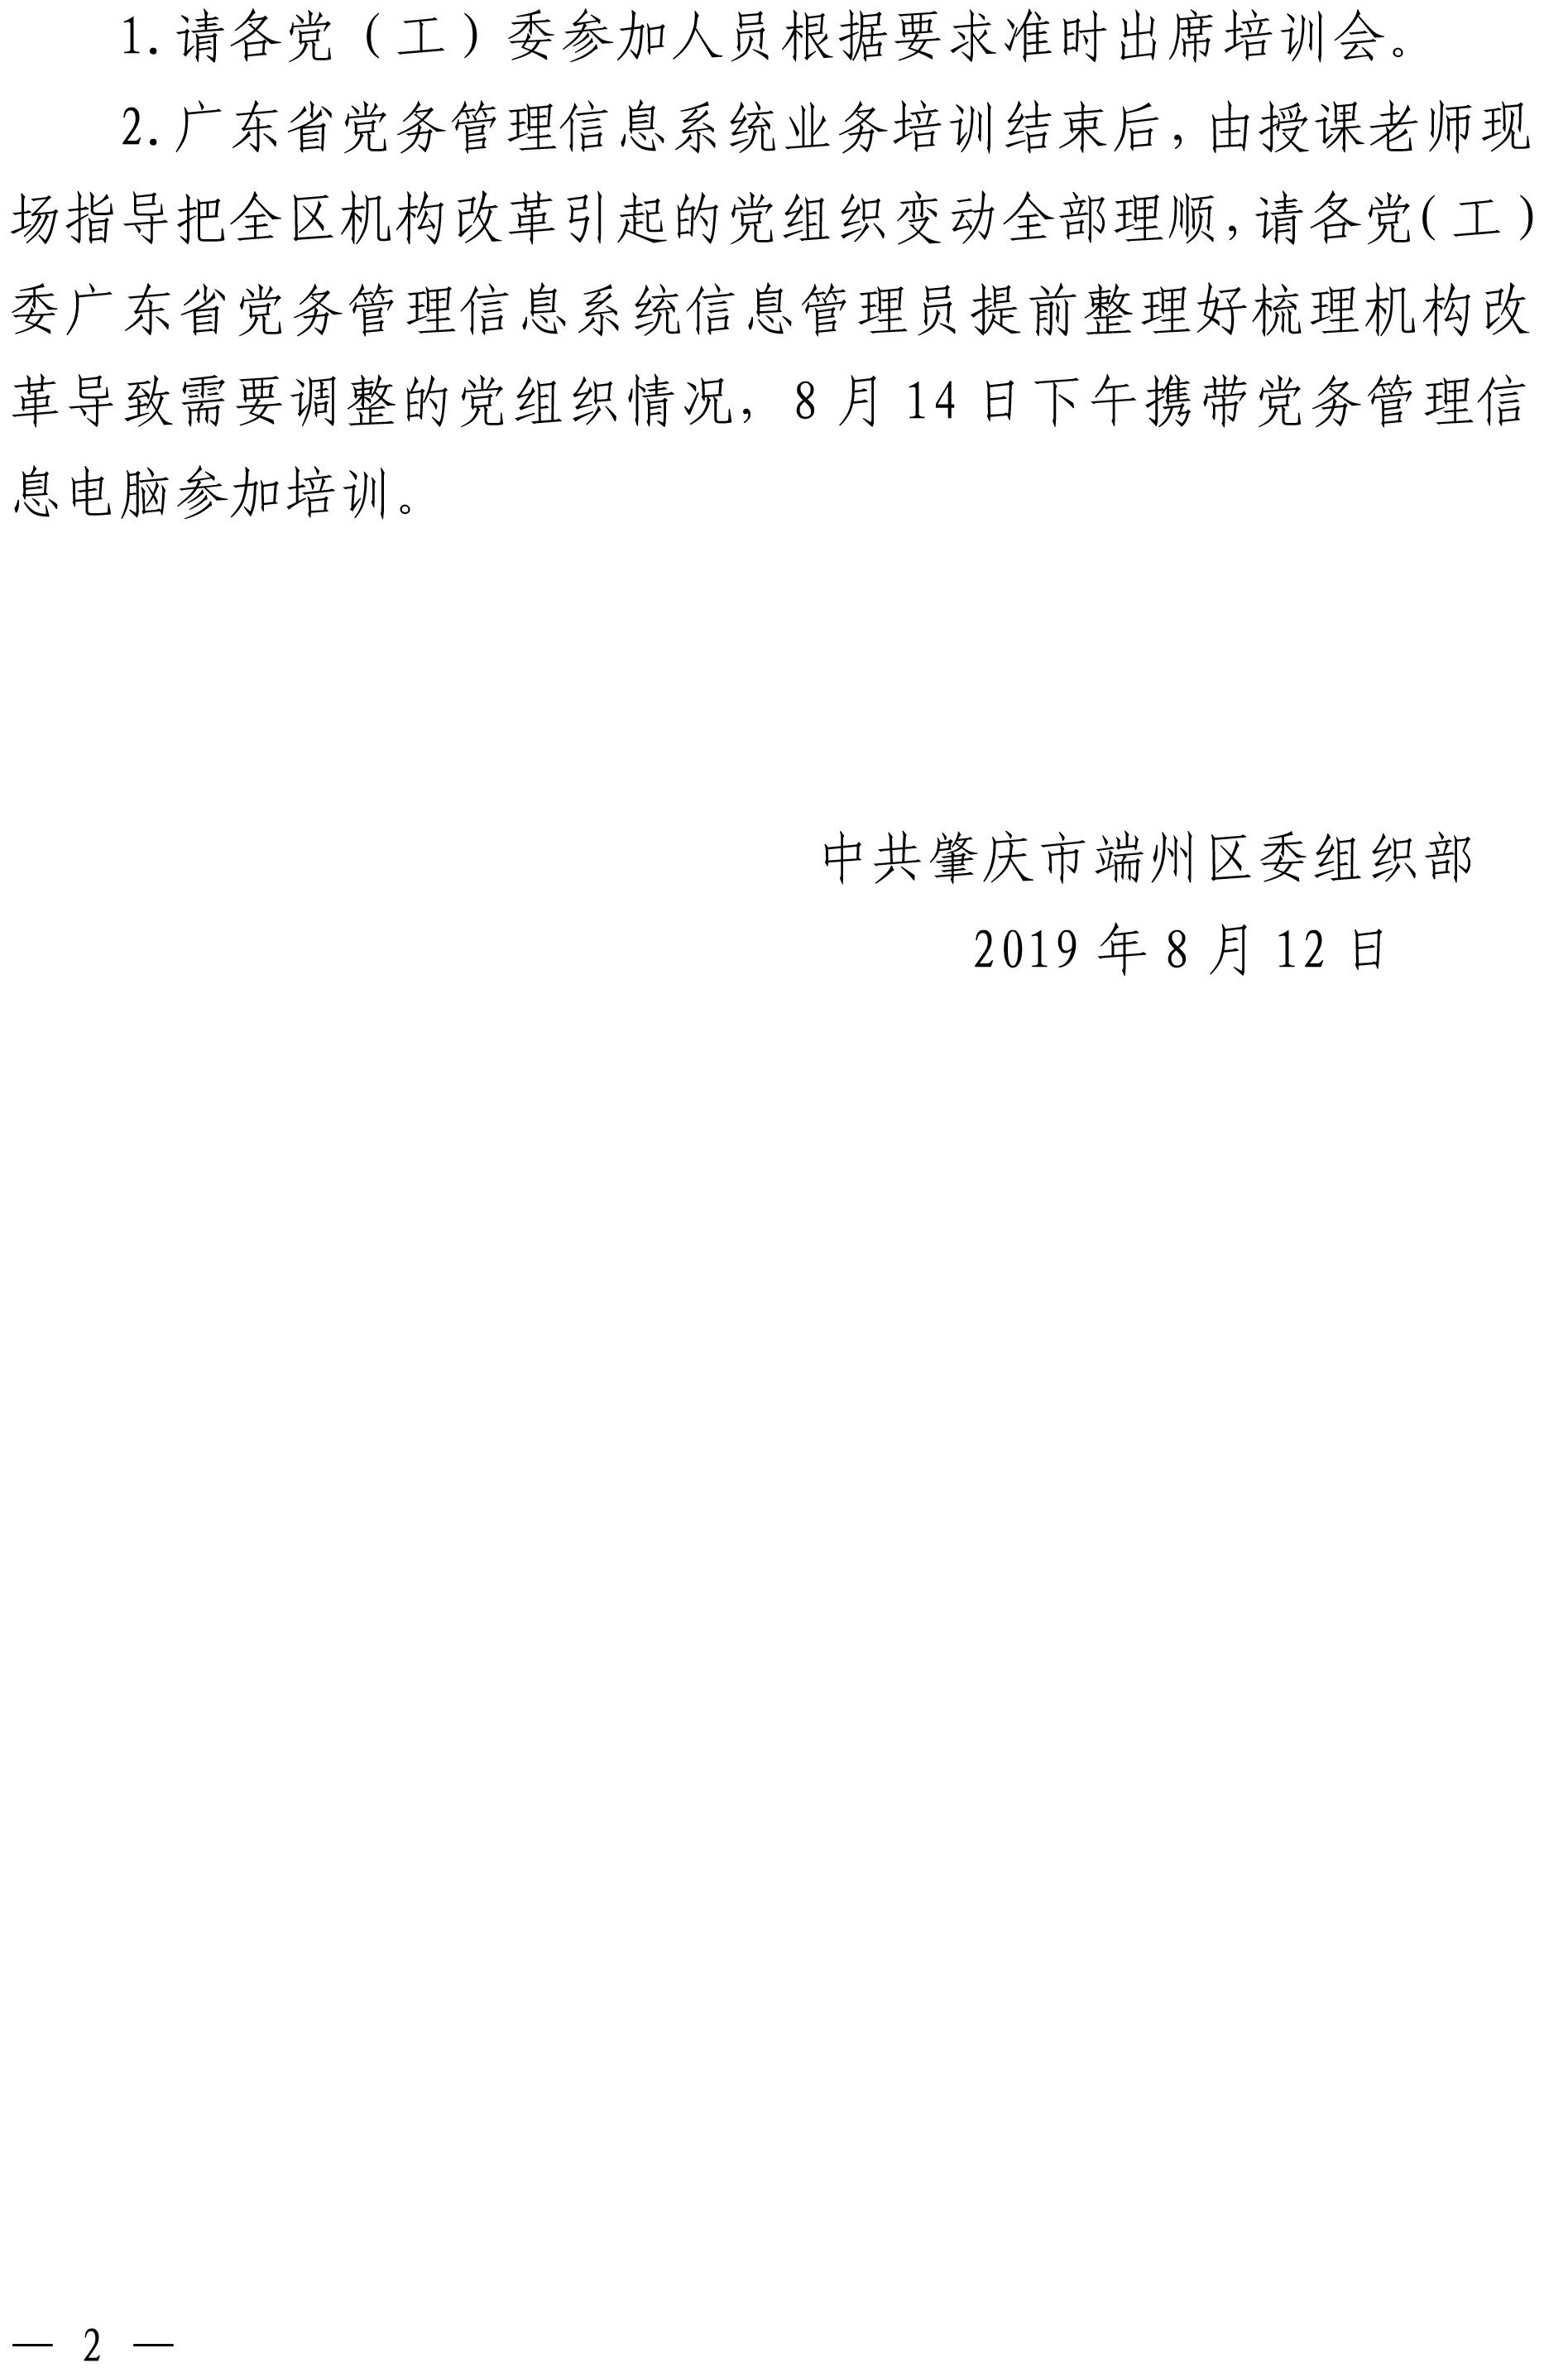 """关于举办端州区2019年广东省党务管理信息系统、肇庆市""""智慧党建""""平台业务培训会的通知"""